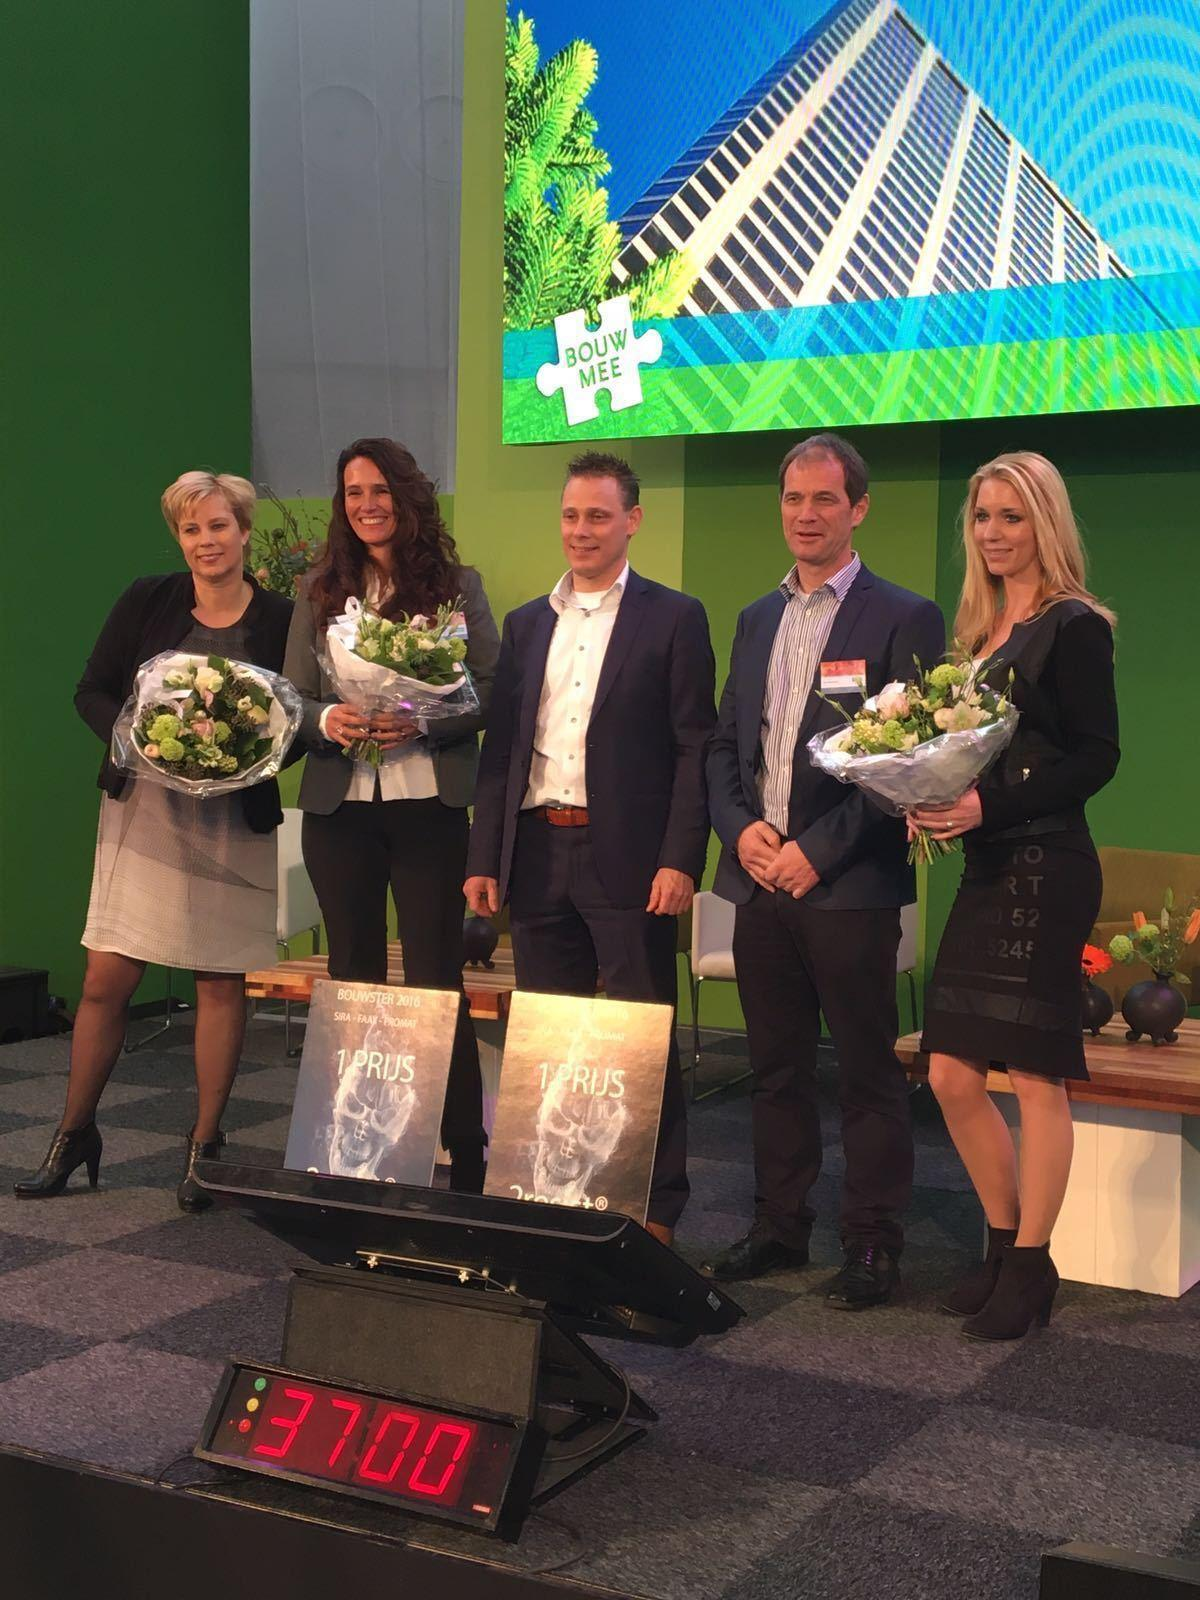 Faay Wanden en Plafonds - Winnaars Bouwster 2016